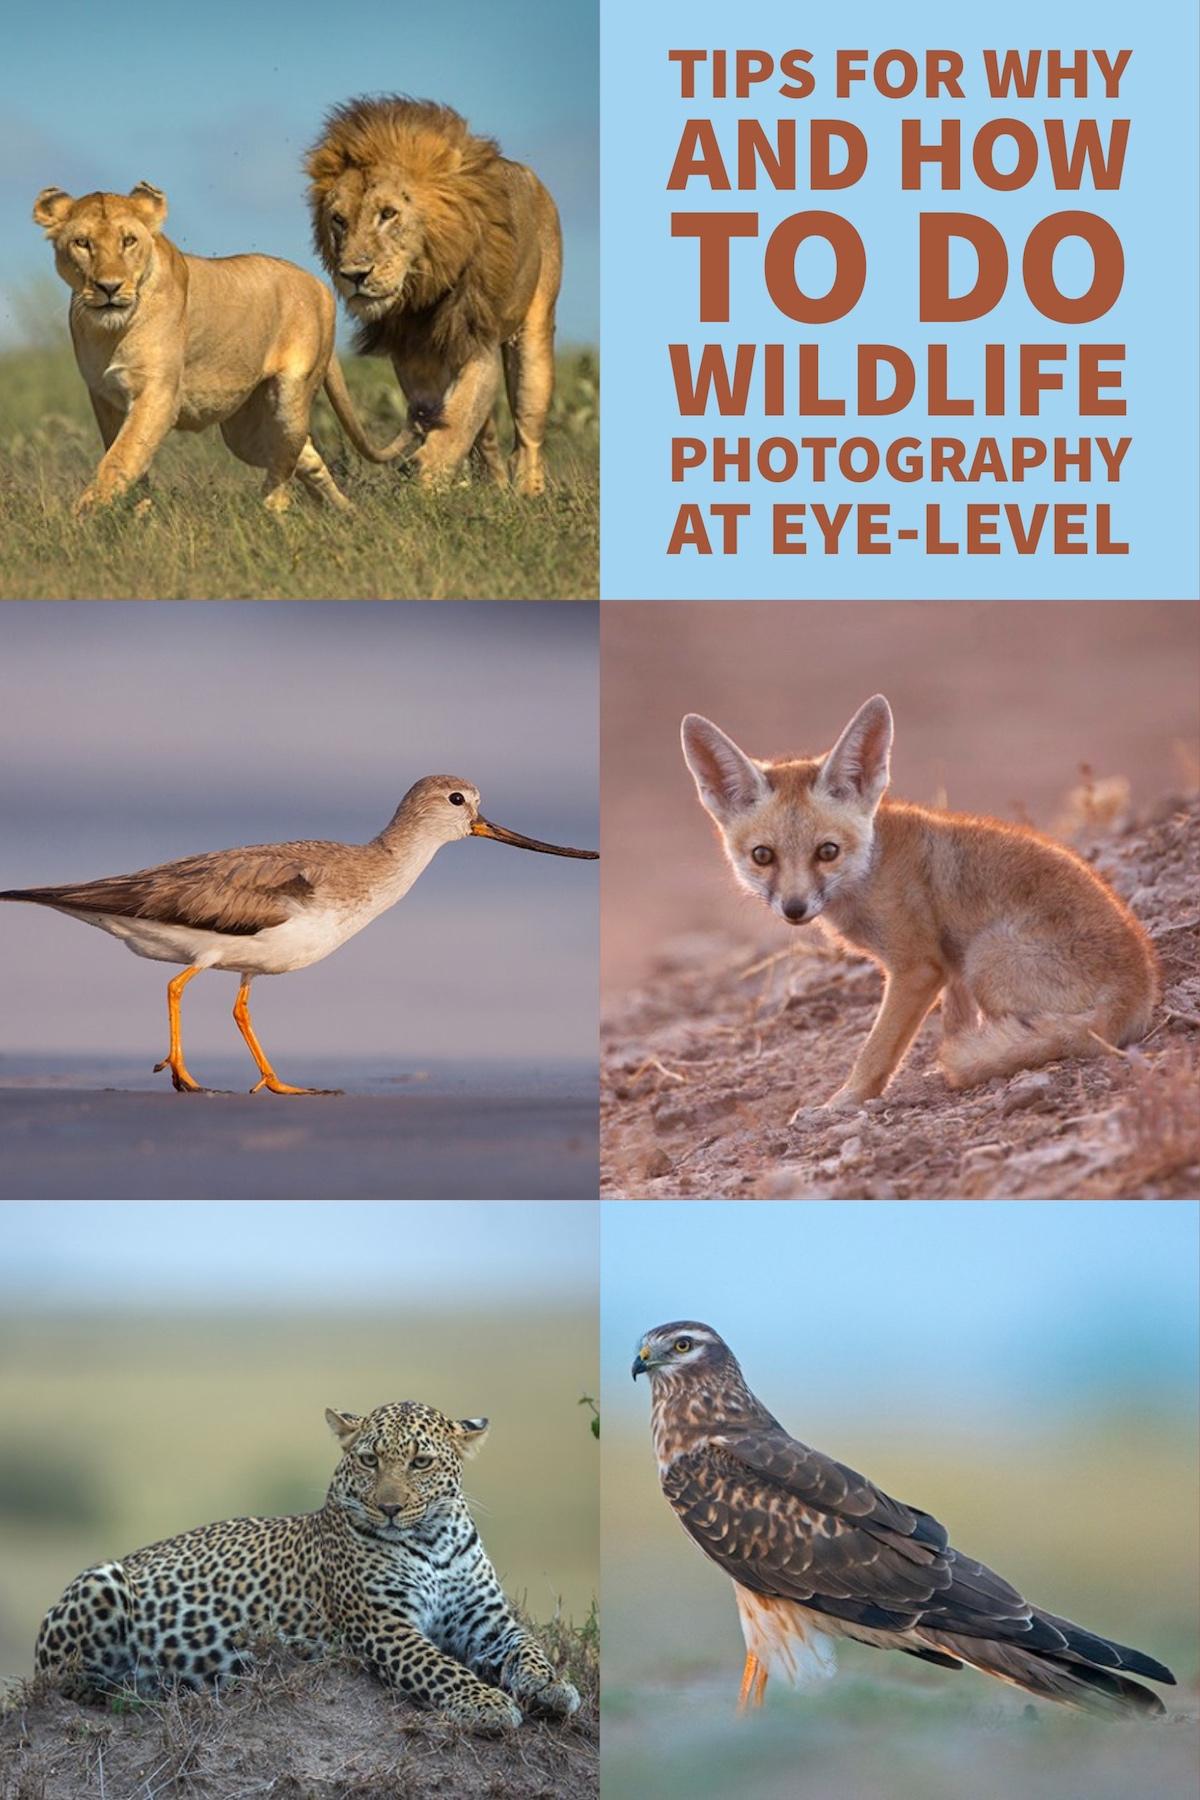 为什么和如何在视线范围内进行野生动物摄影